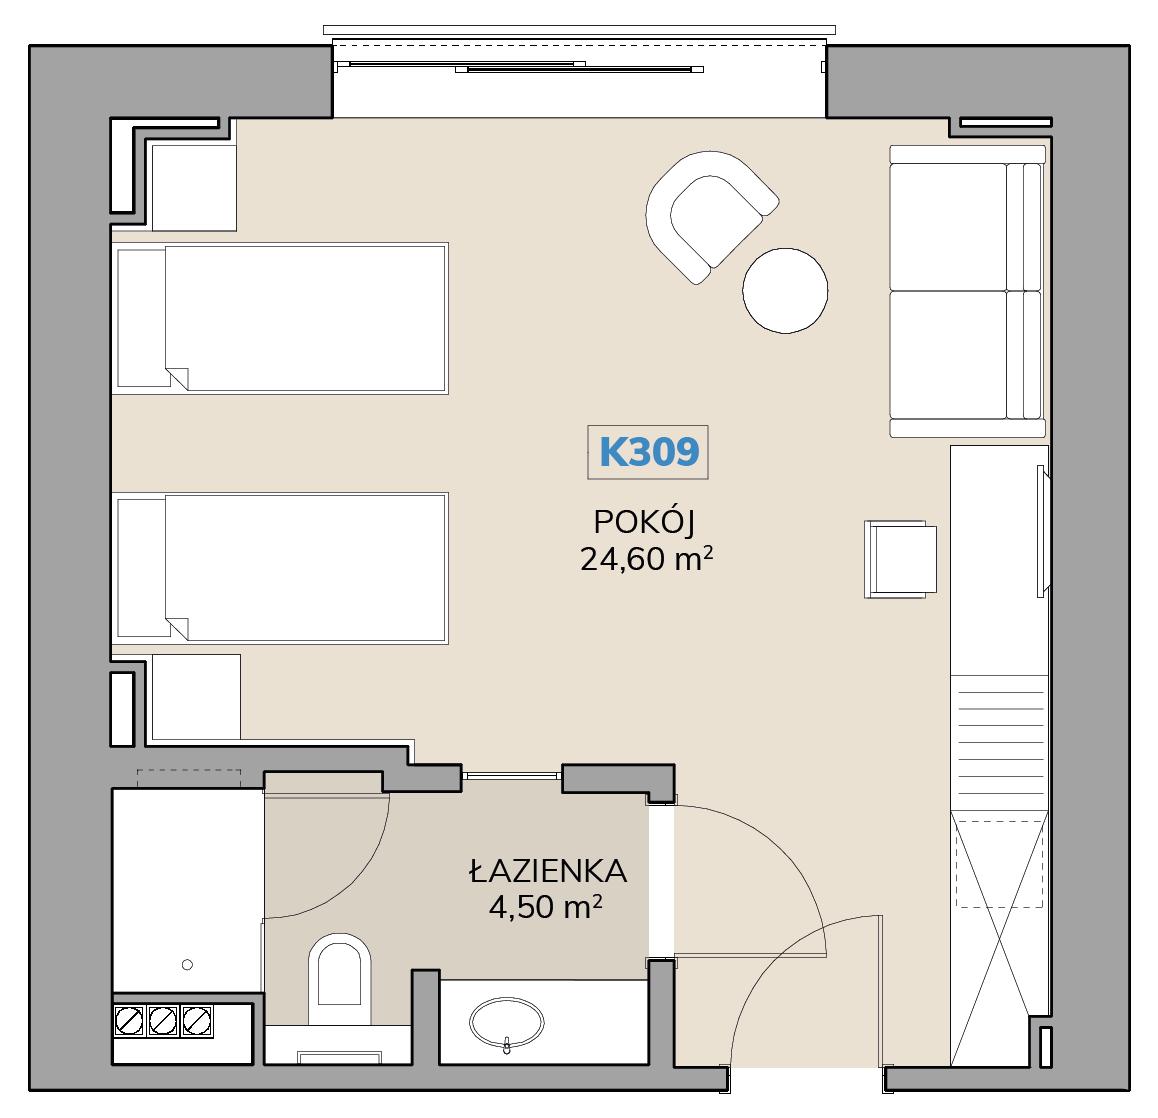 Apartament K309